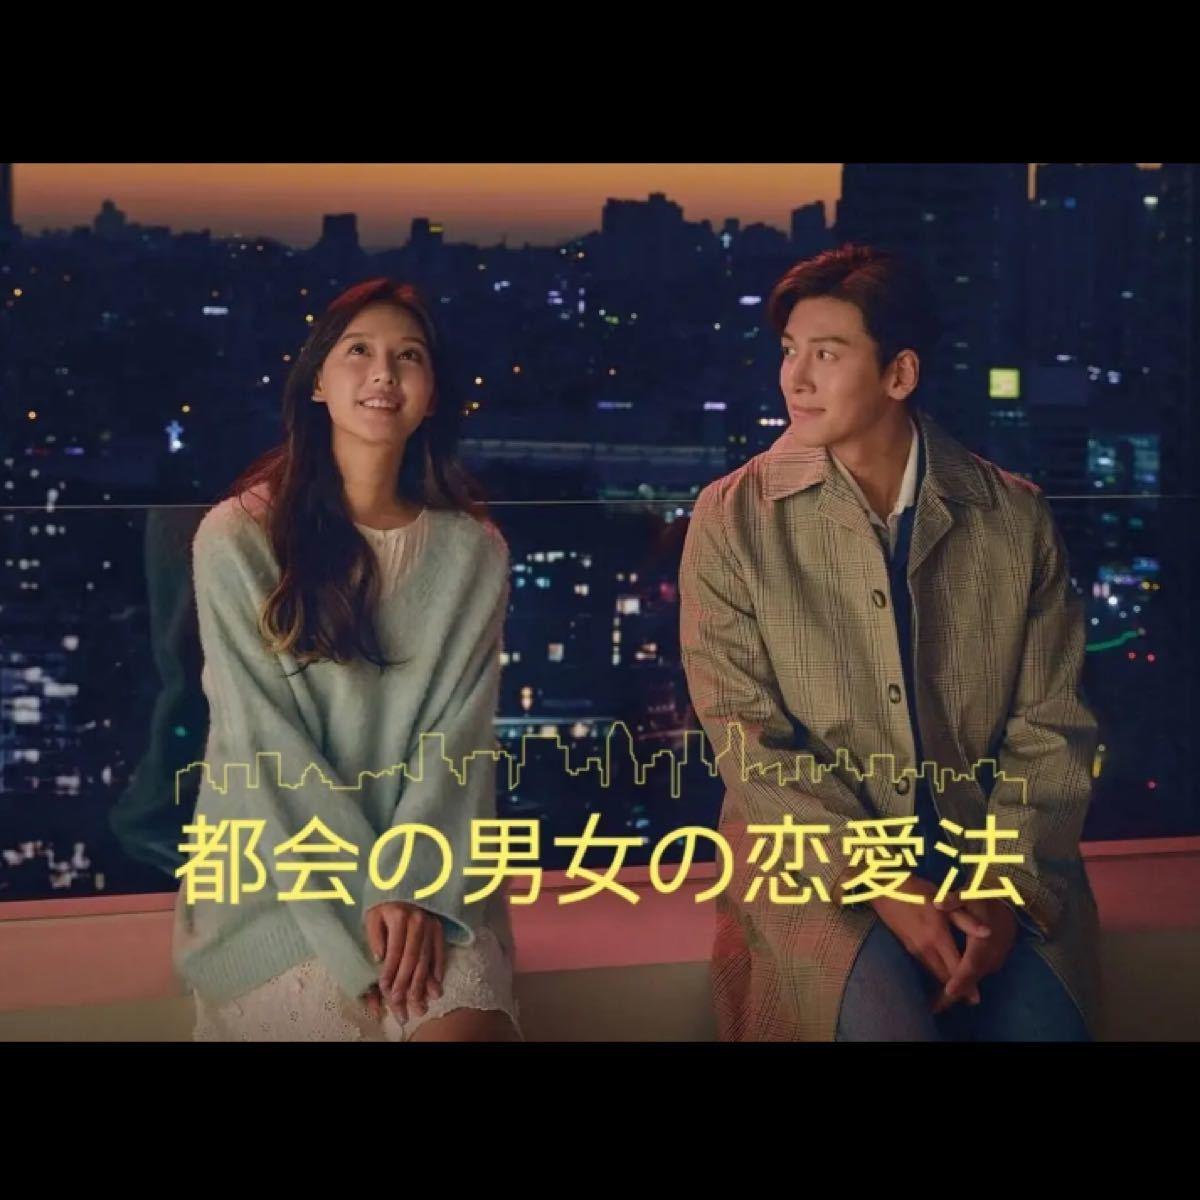 ☆韓国ドラマ☆『都会の男女の恋愛法』Blu-ray  全話 クリアケース入